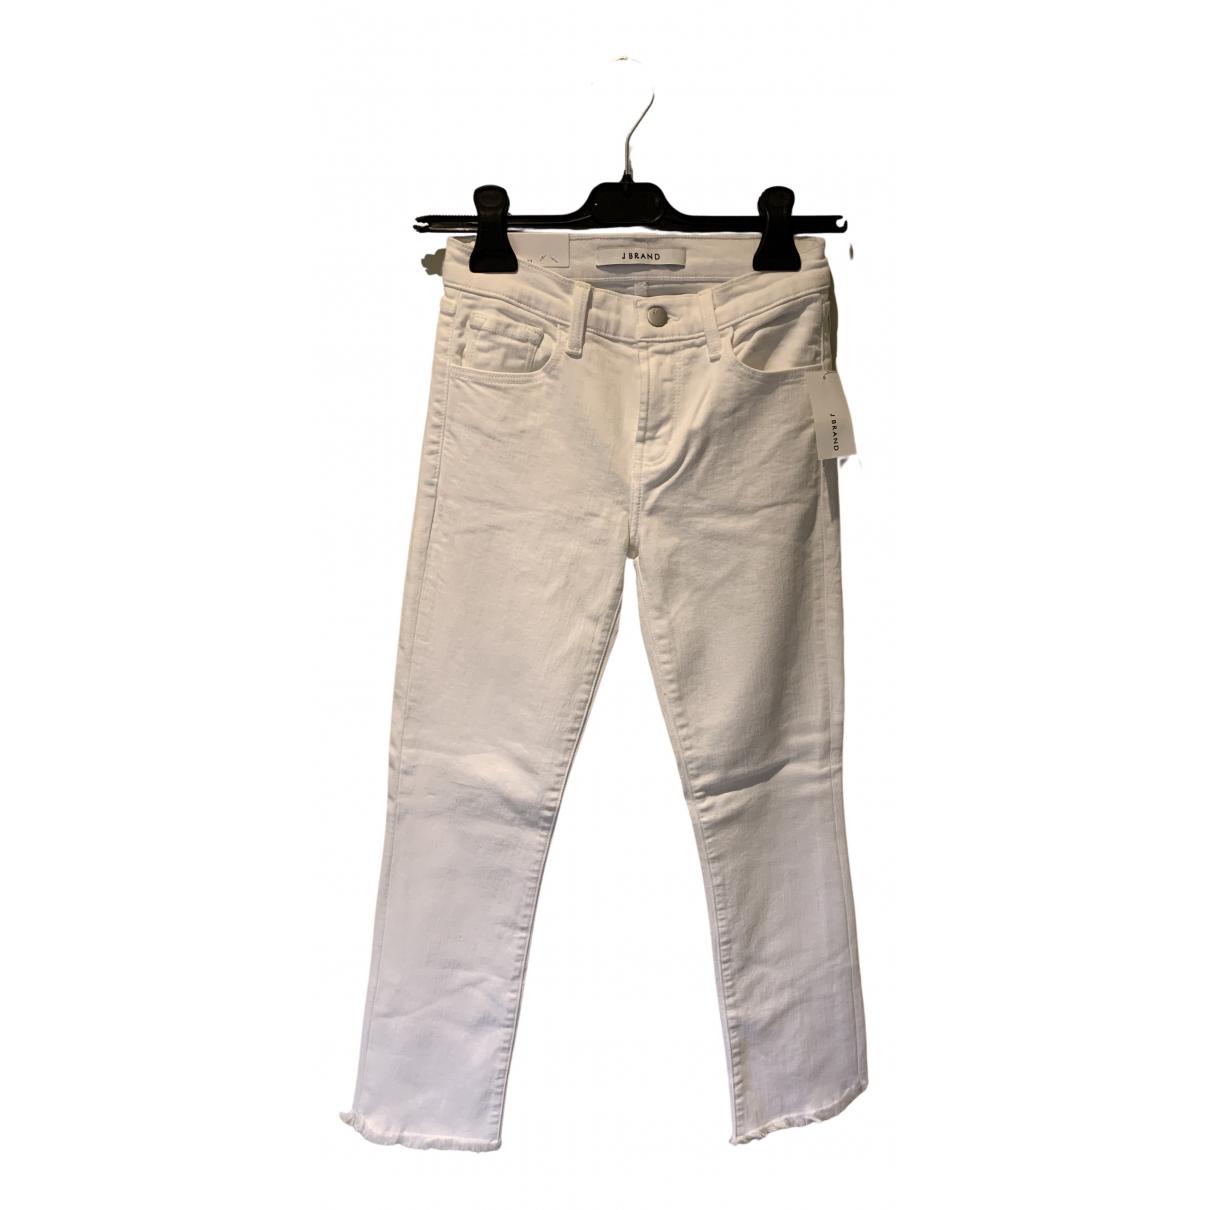 J Brand N White Denim - Jeans Jeans for Women 22 US